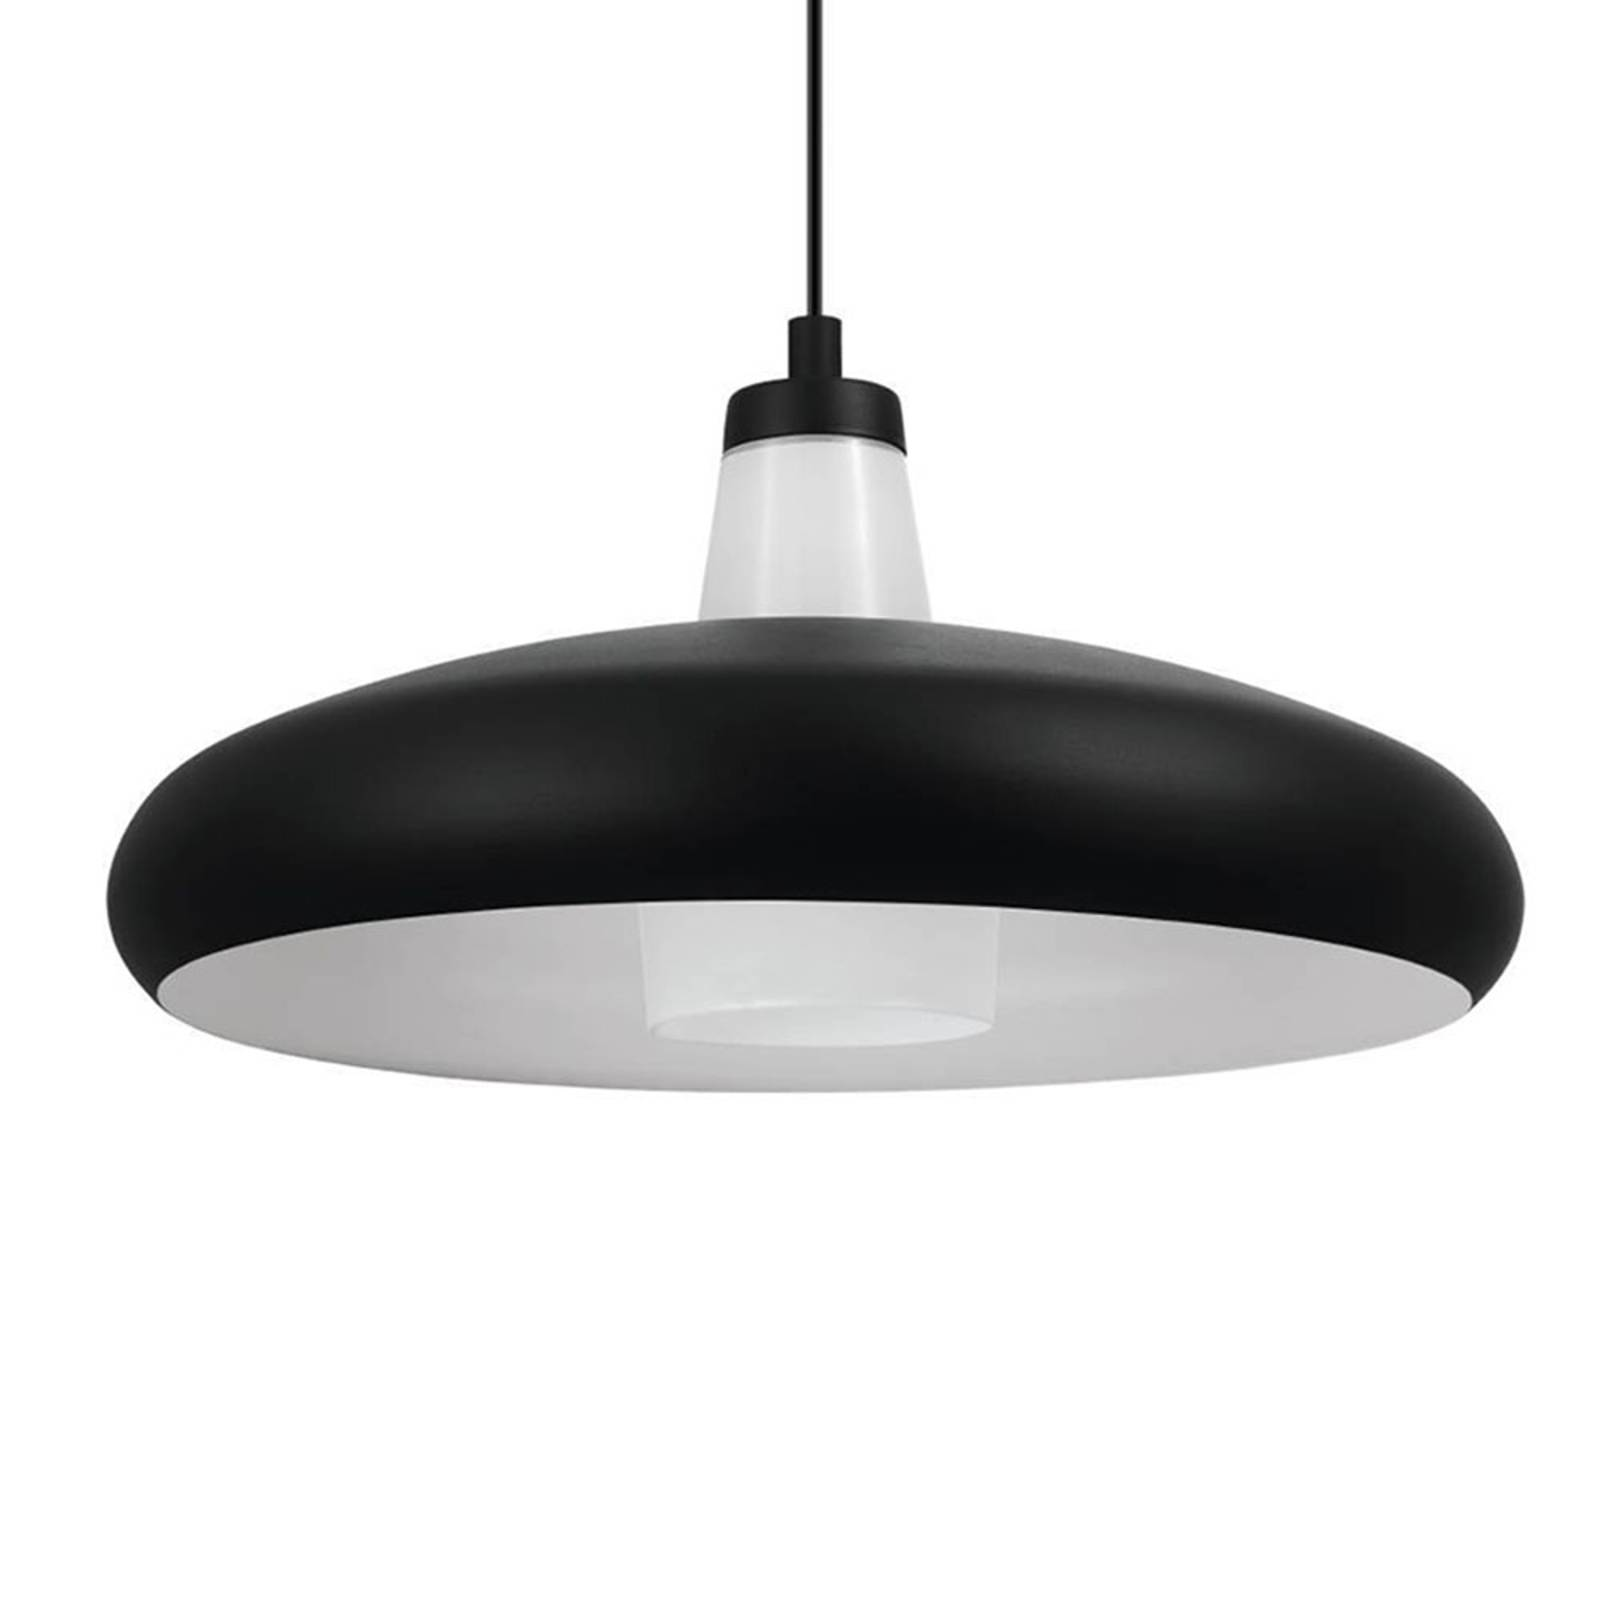 EGLO connect Tabanera-C LED-Hängeleuchte